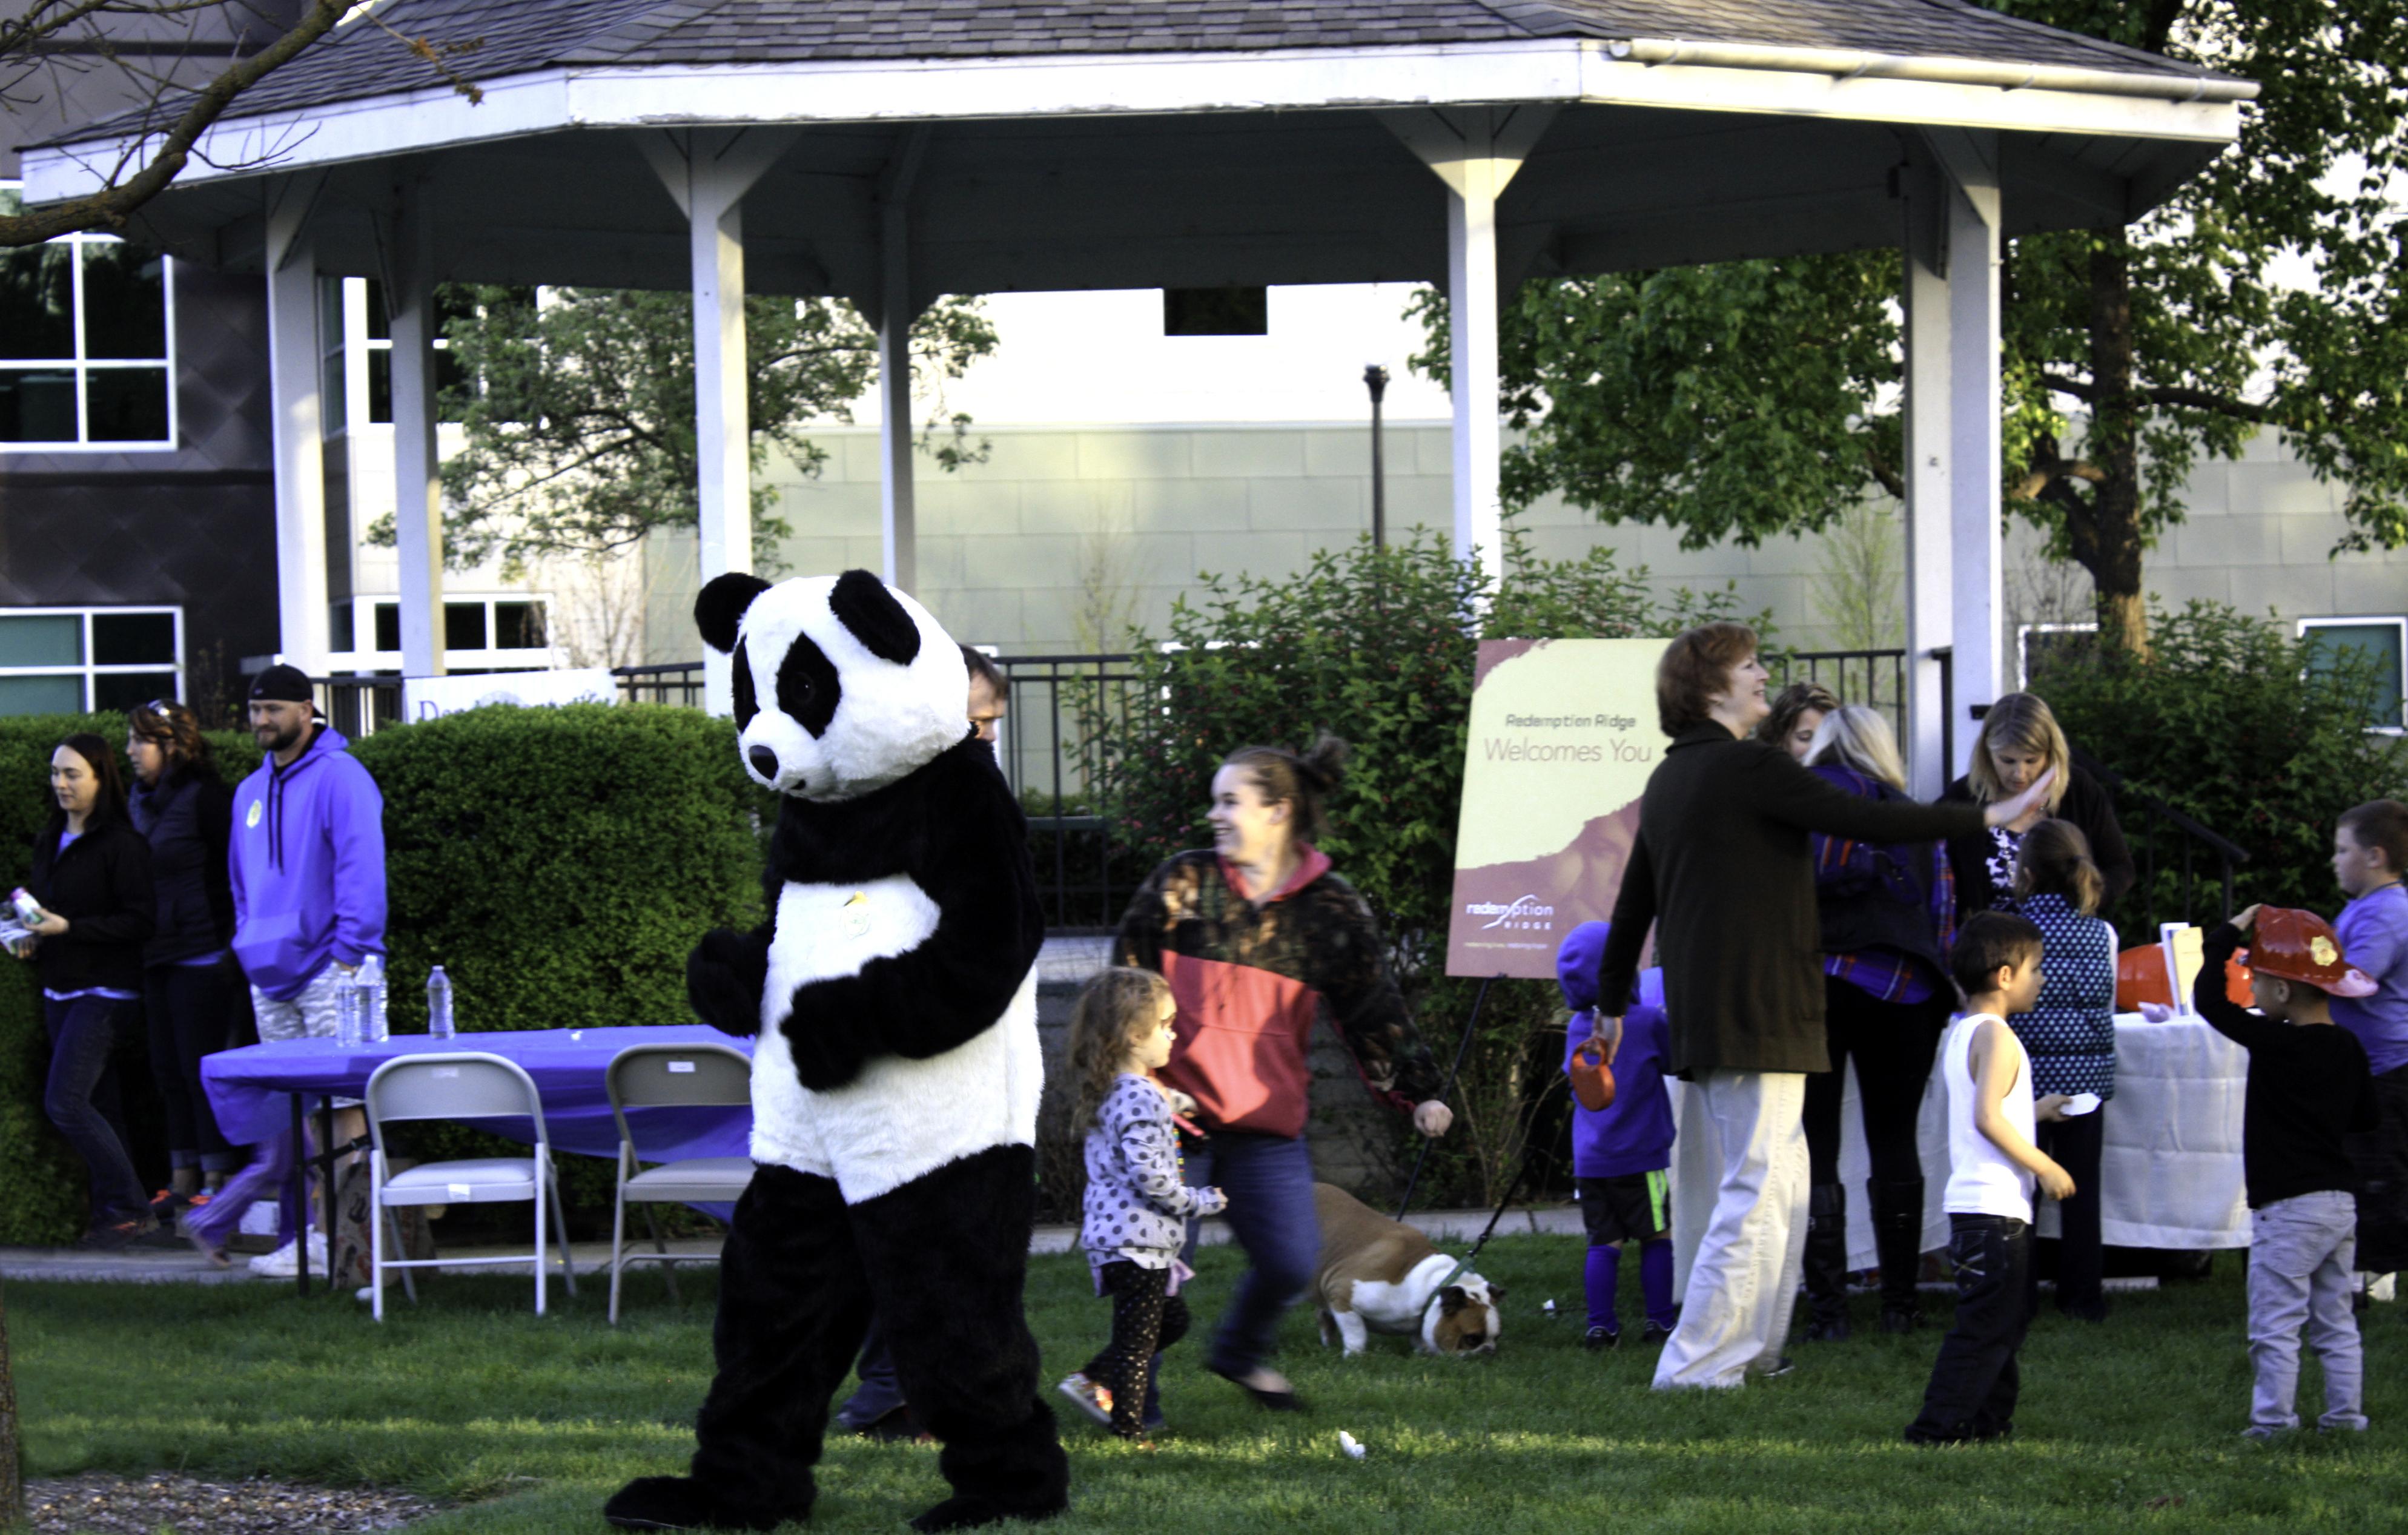 20150408-9 family fun night IMG_7292 crop 2